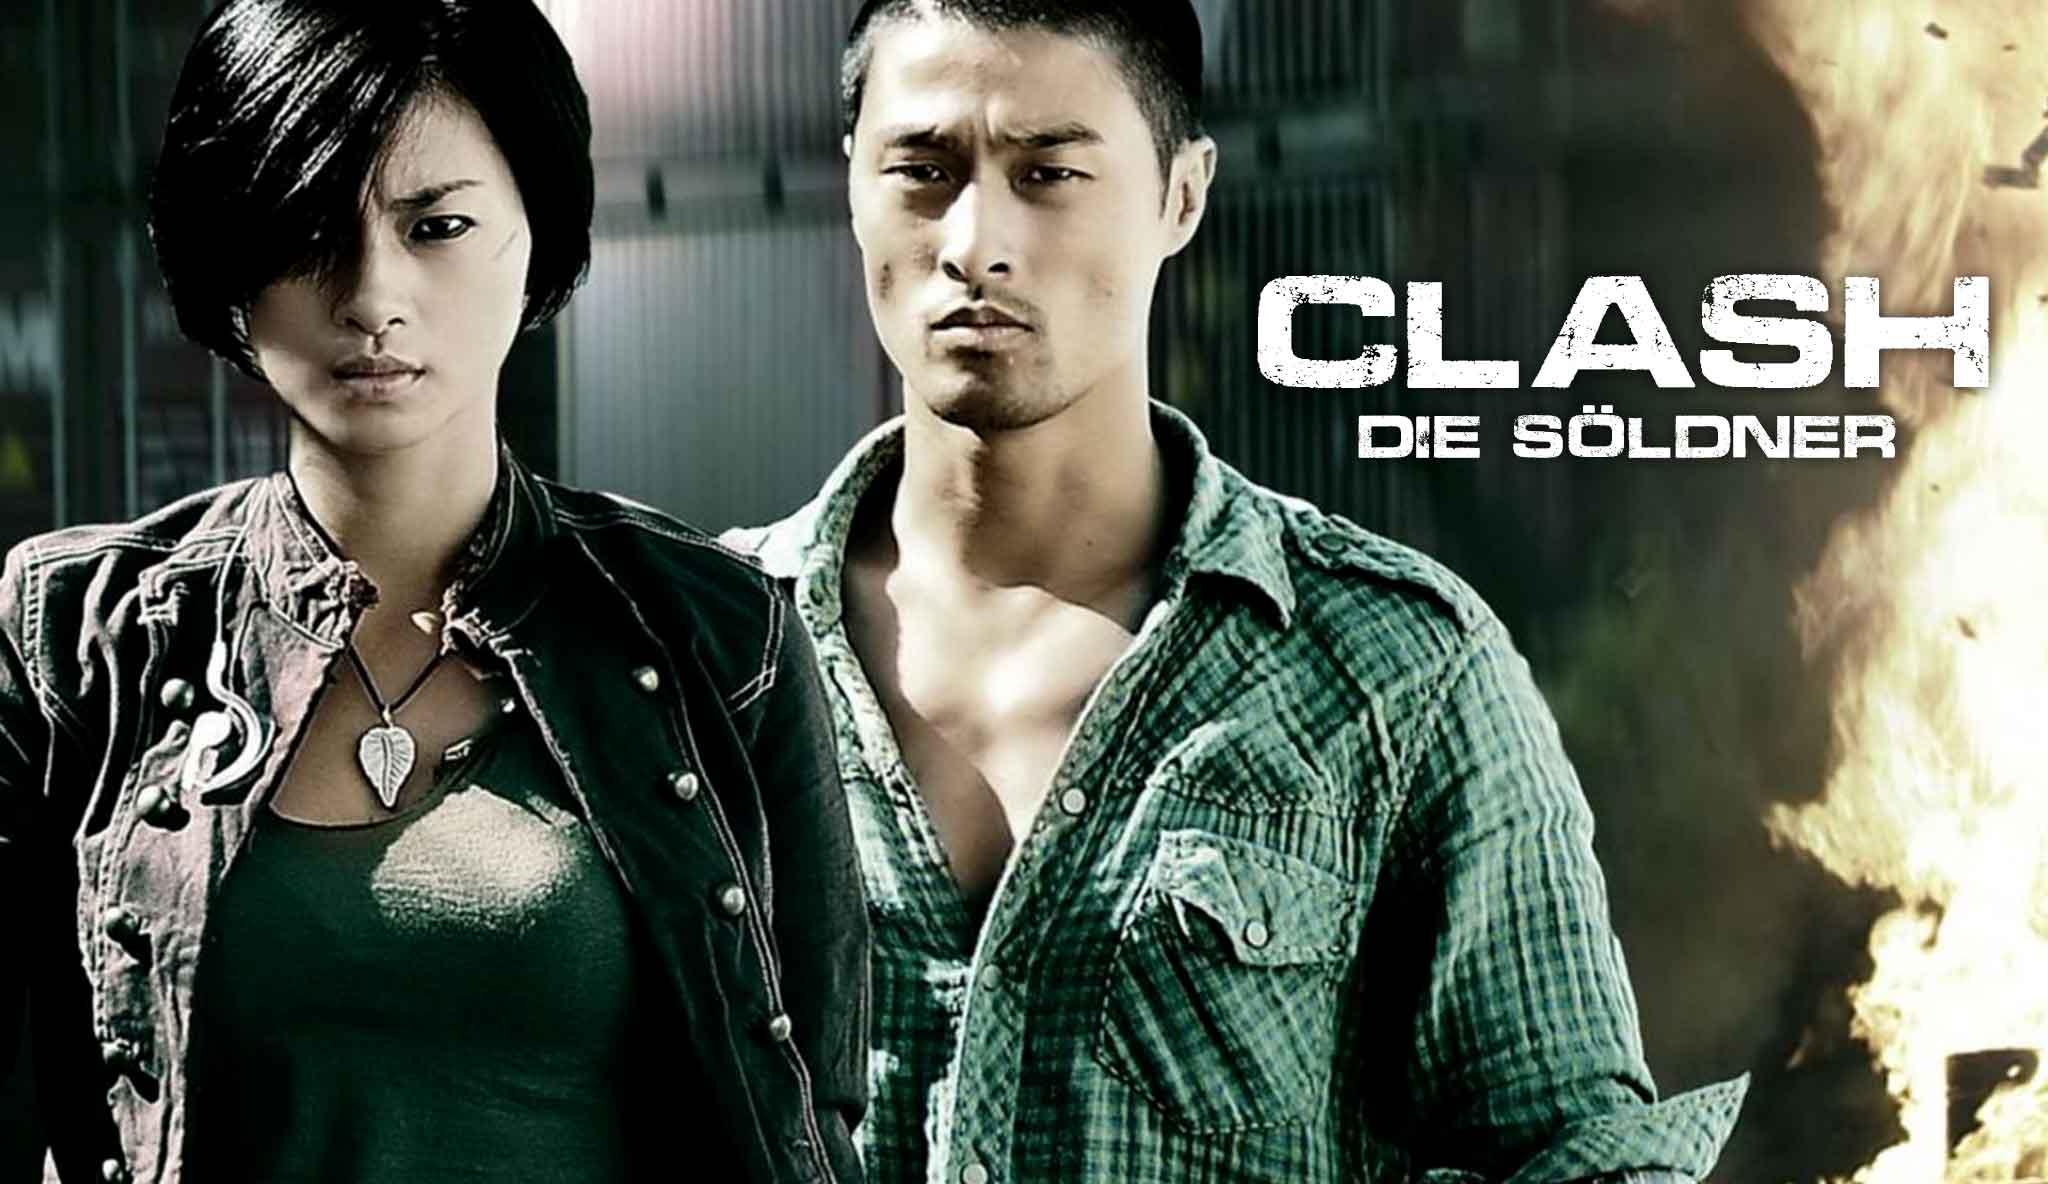 clash-die-soldner\header.jpg